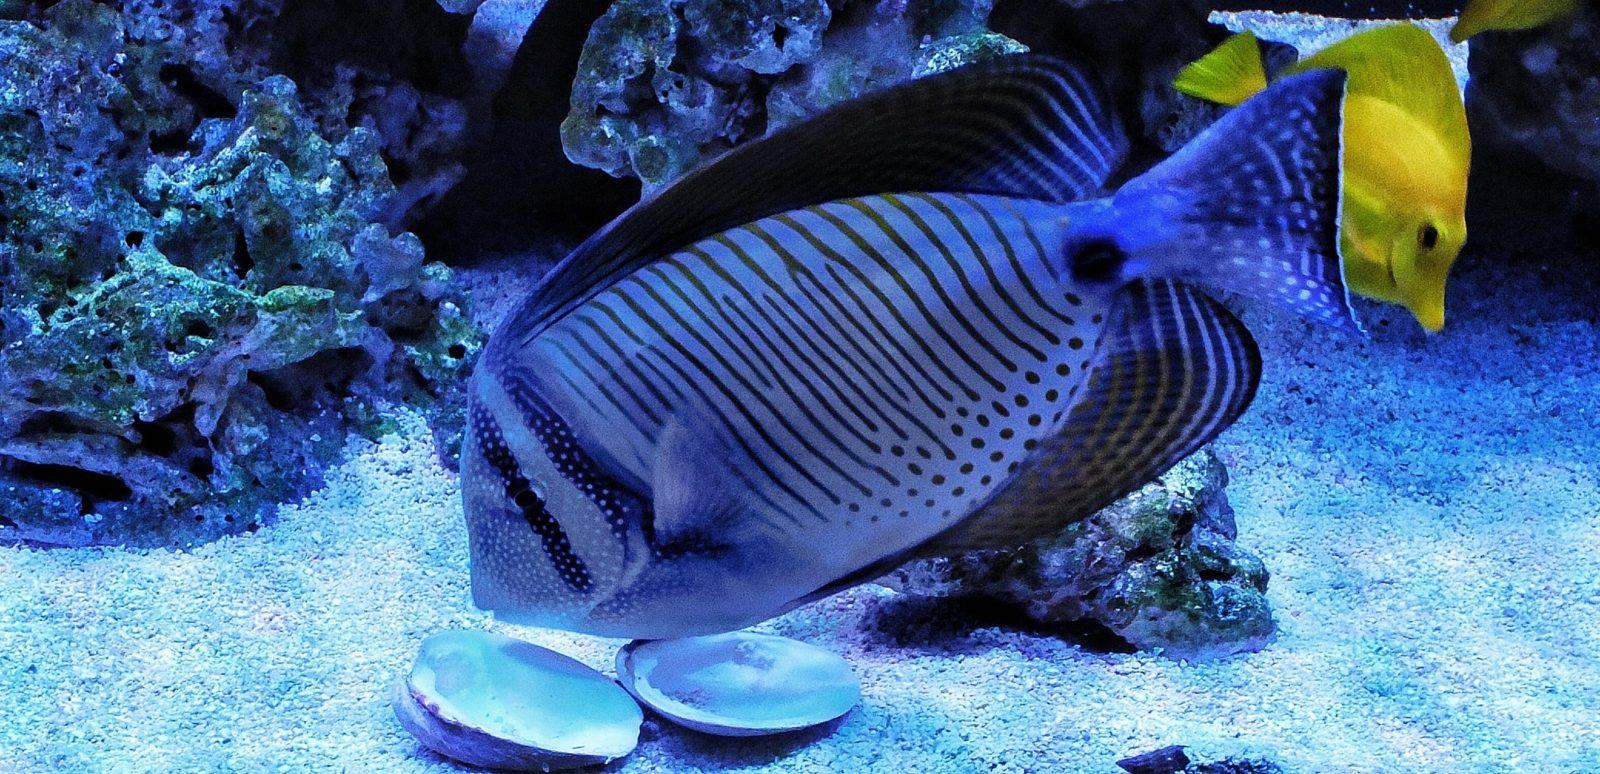 Aquarium Nook